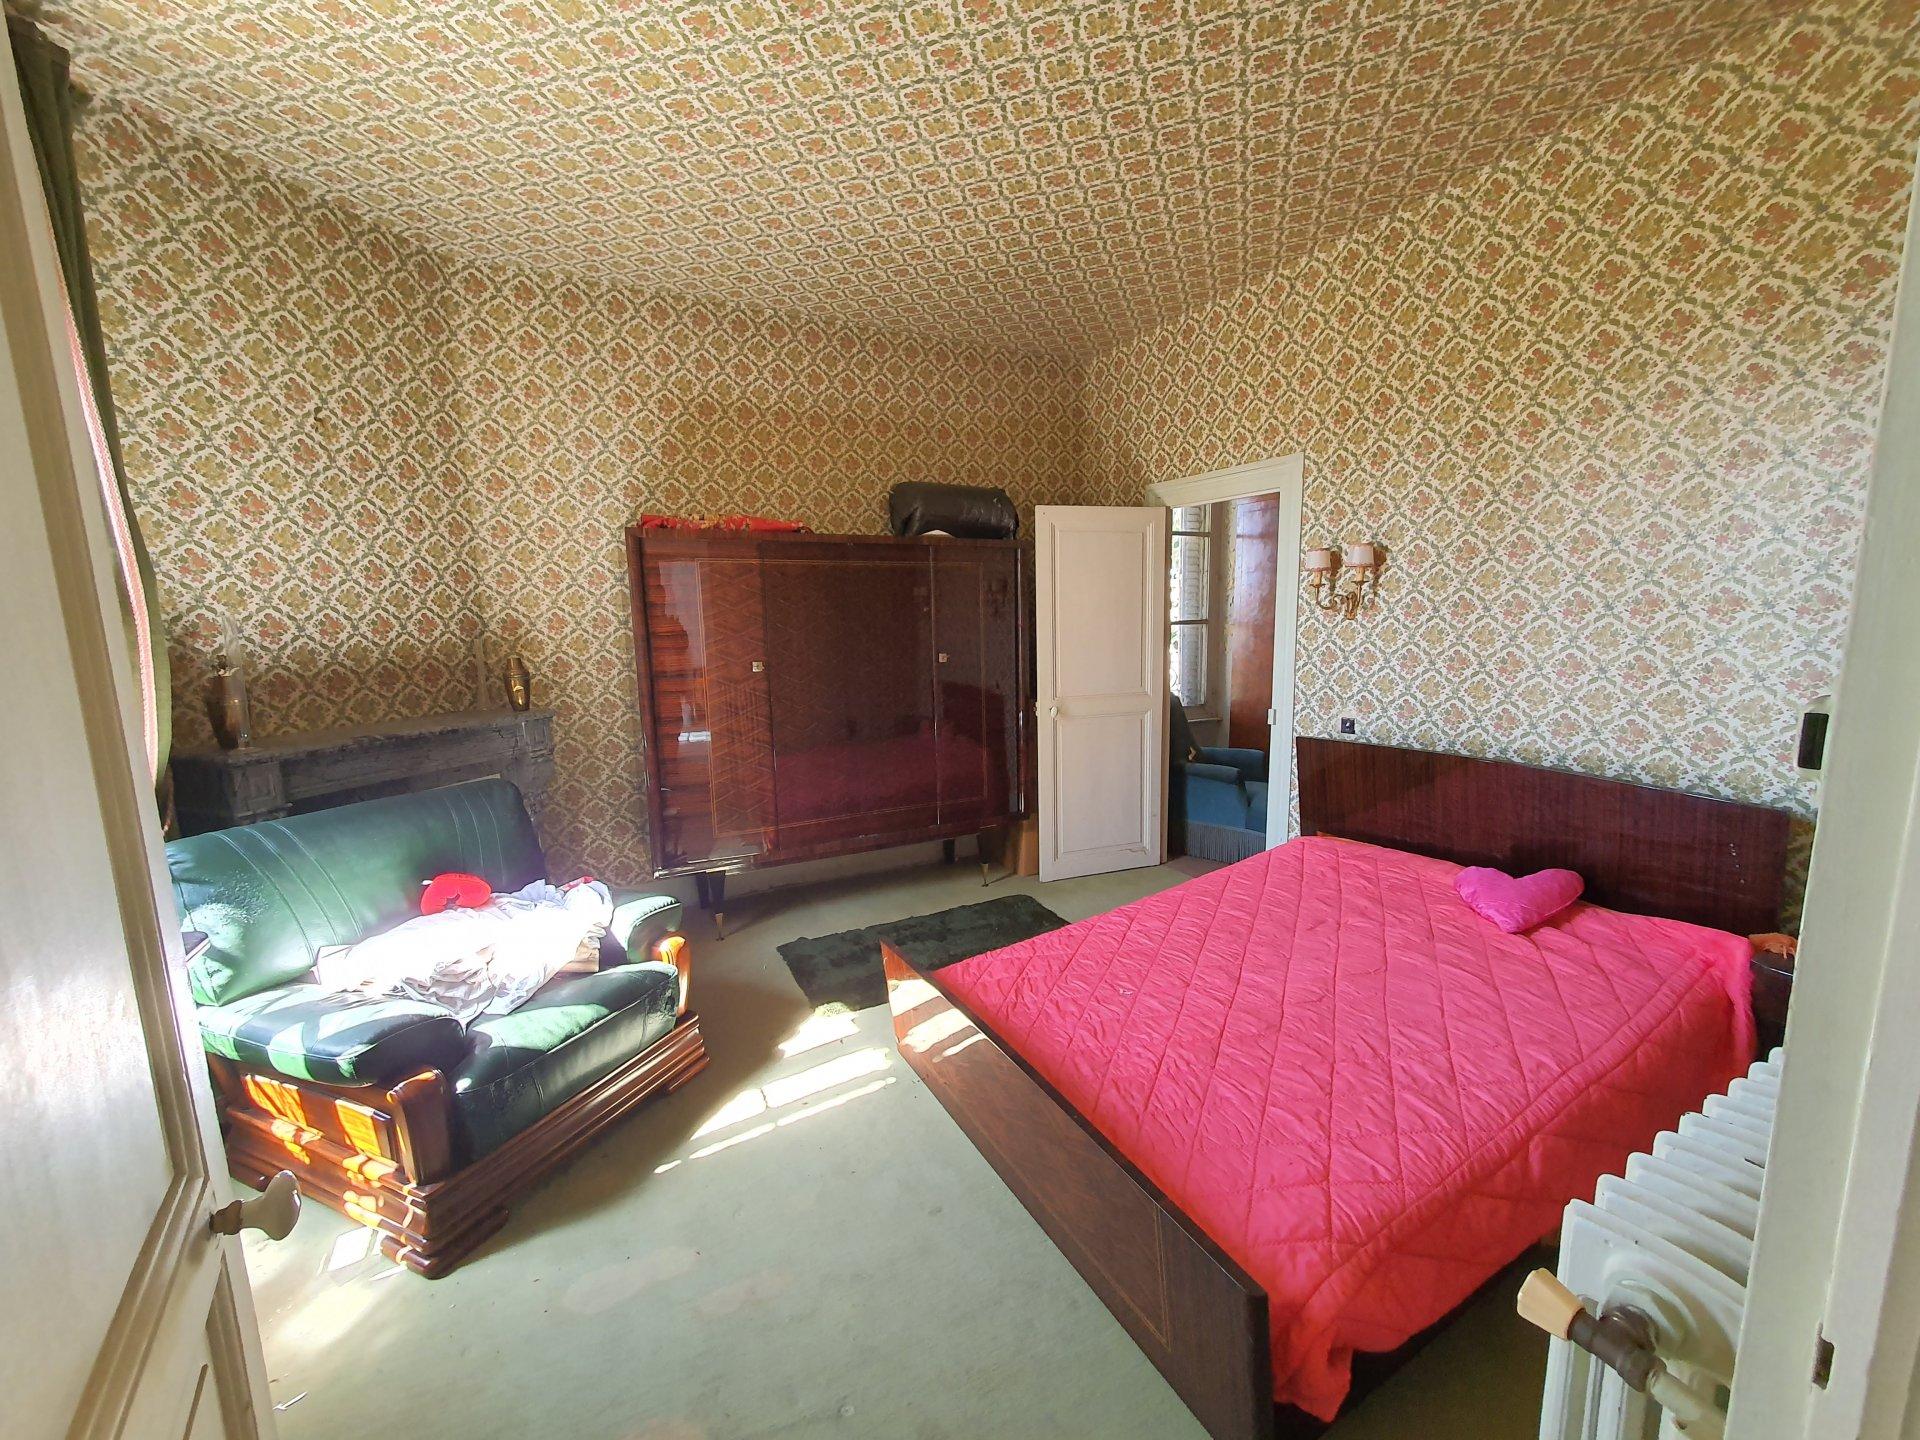 Maison bourgeoise, proche centre-ville - VIERZON